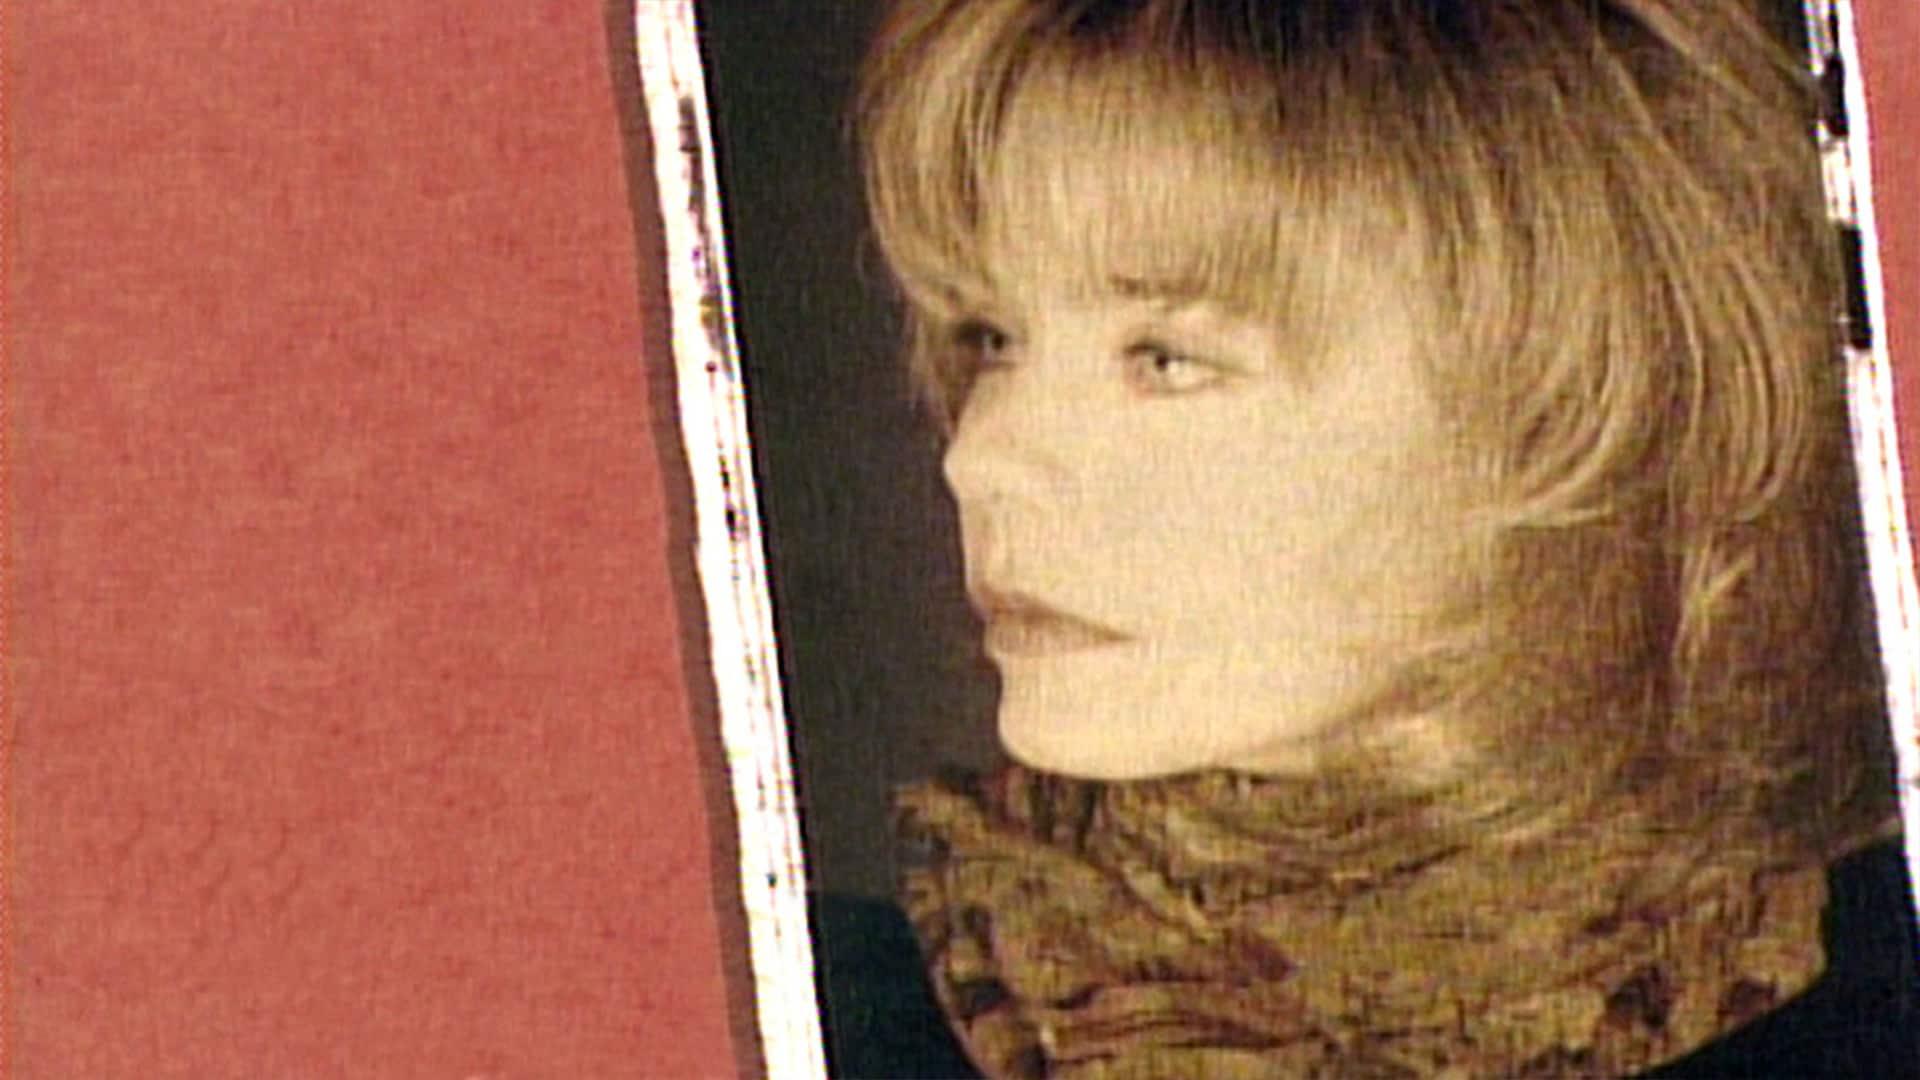 Susan Dey: February 8, 1992